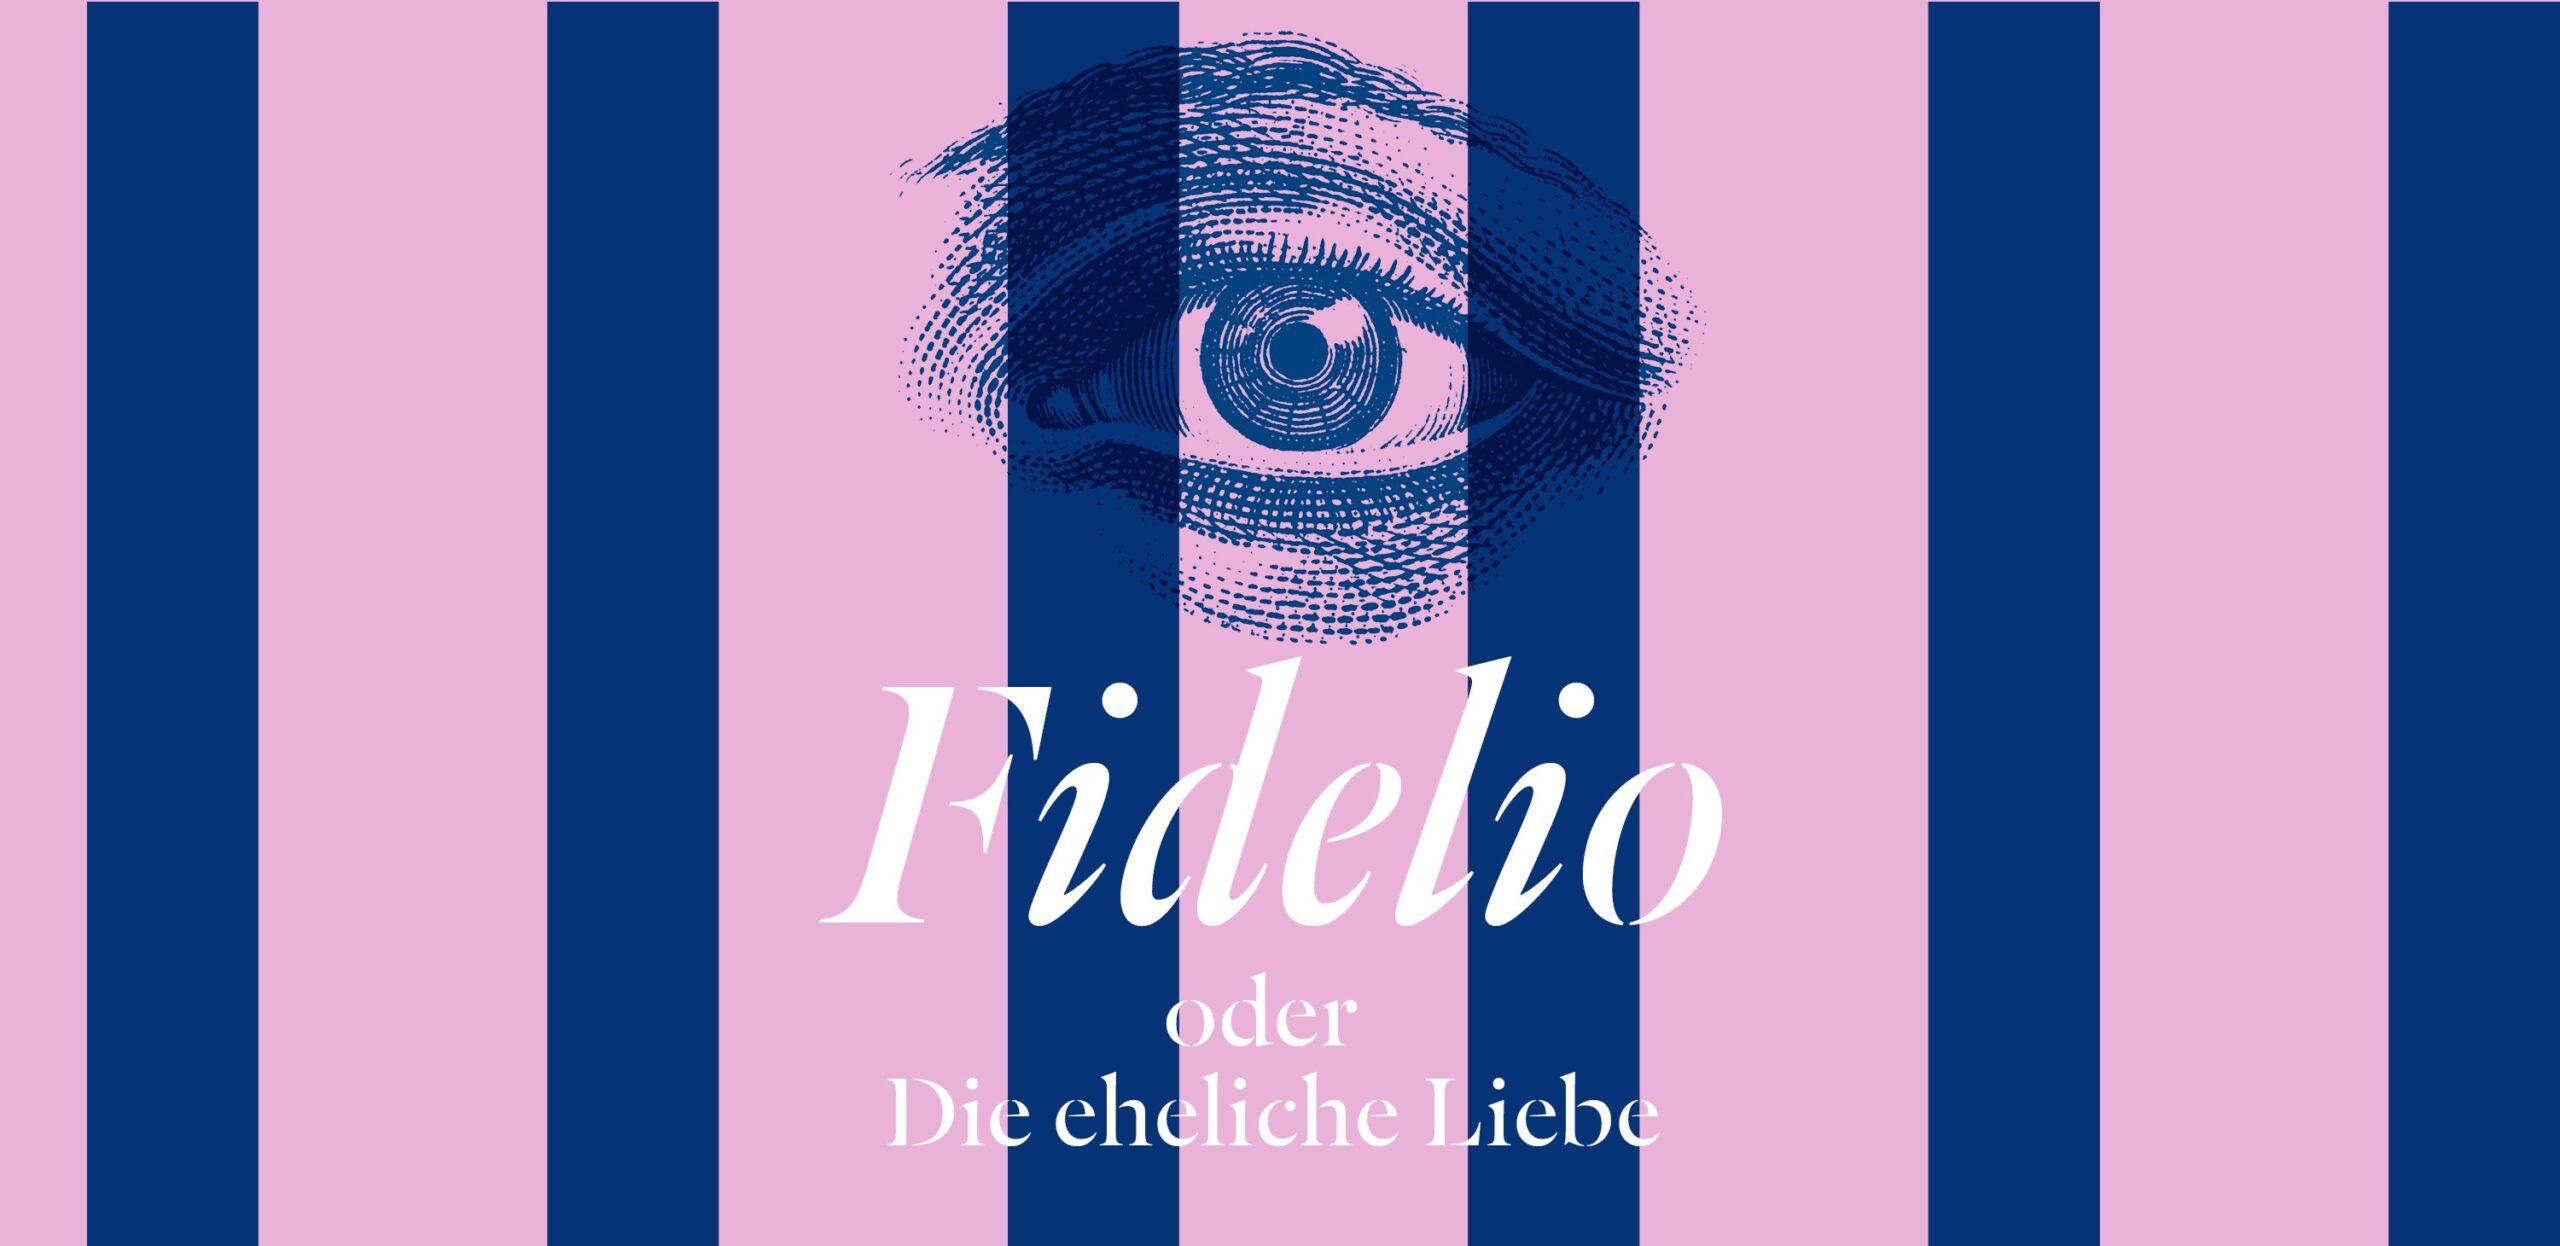 Grafik zu Fidelio